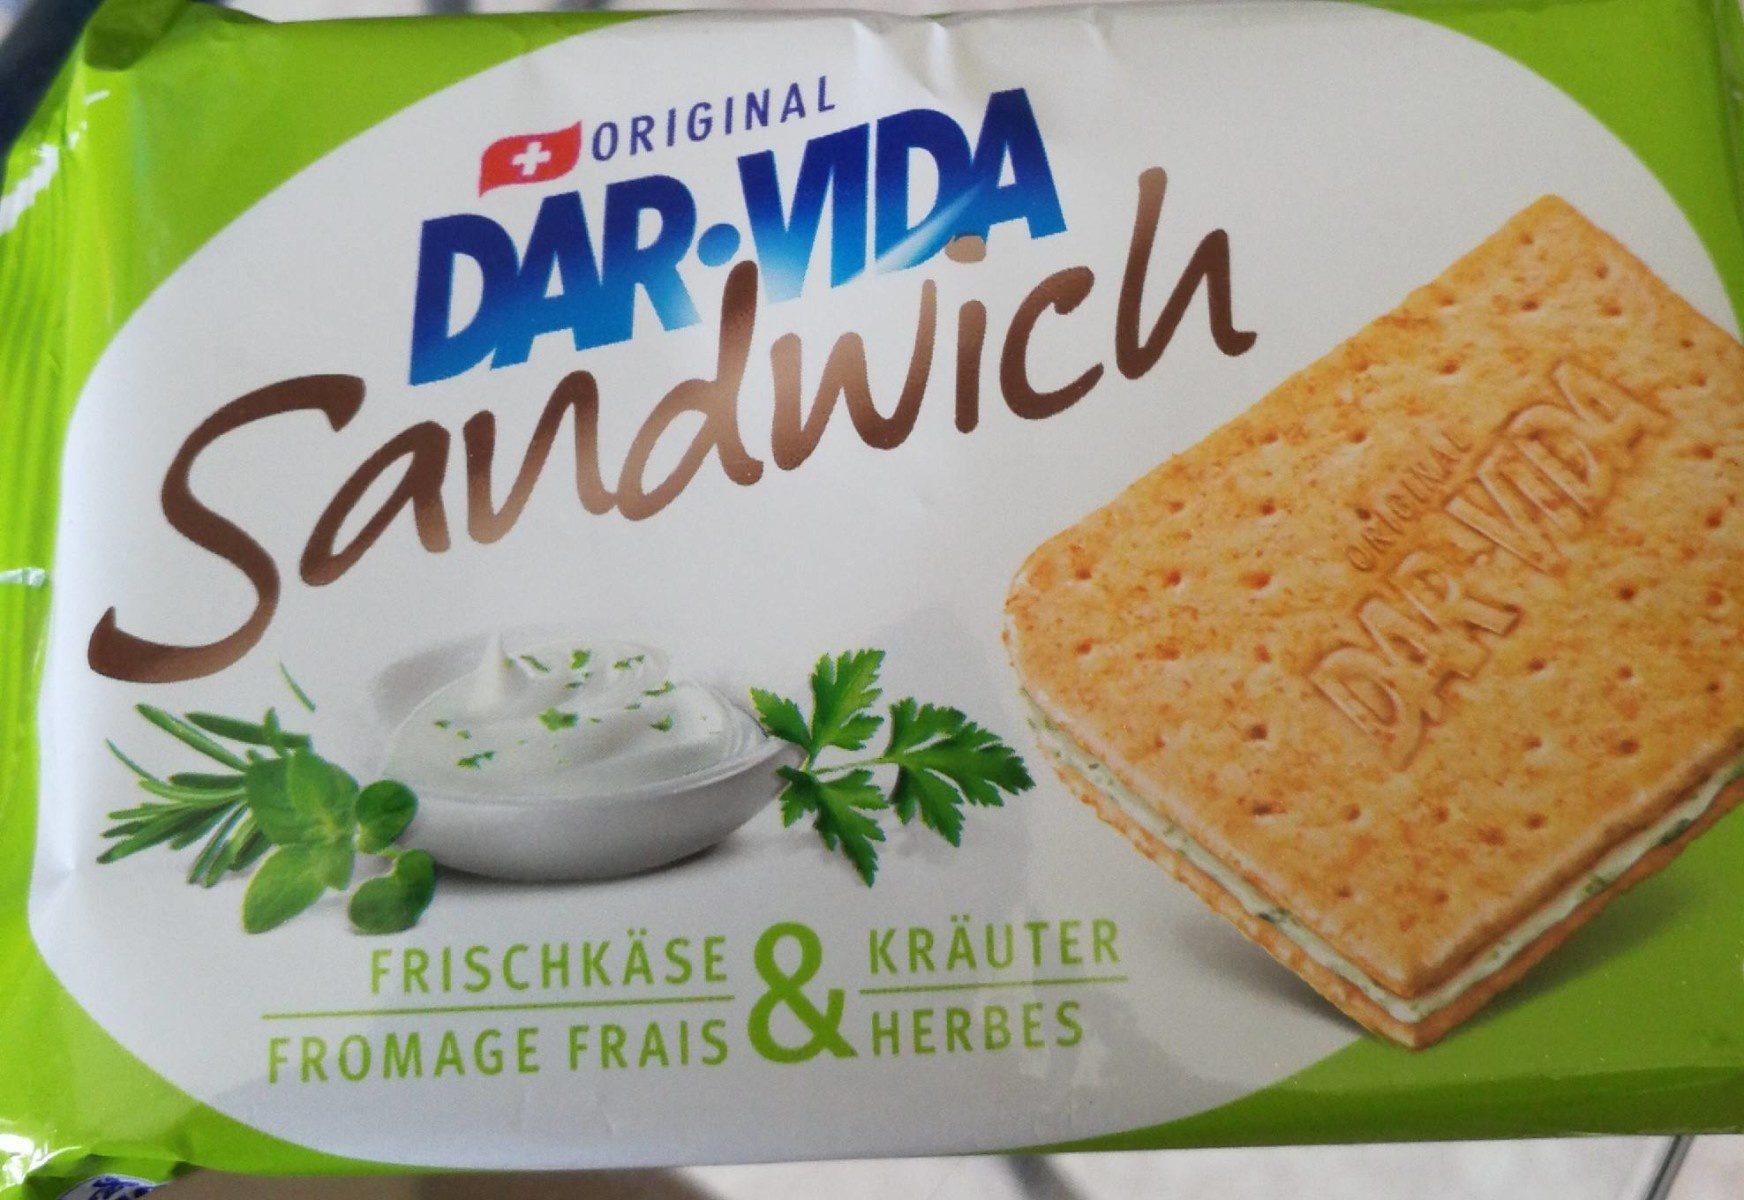 Dar Vida Sandwich Frischkäse & Kräuter - Product